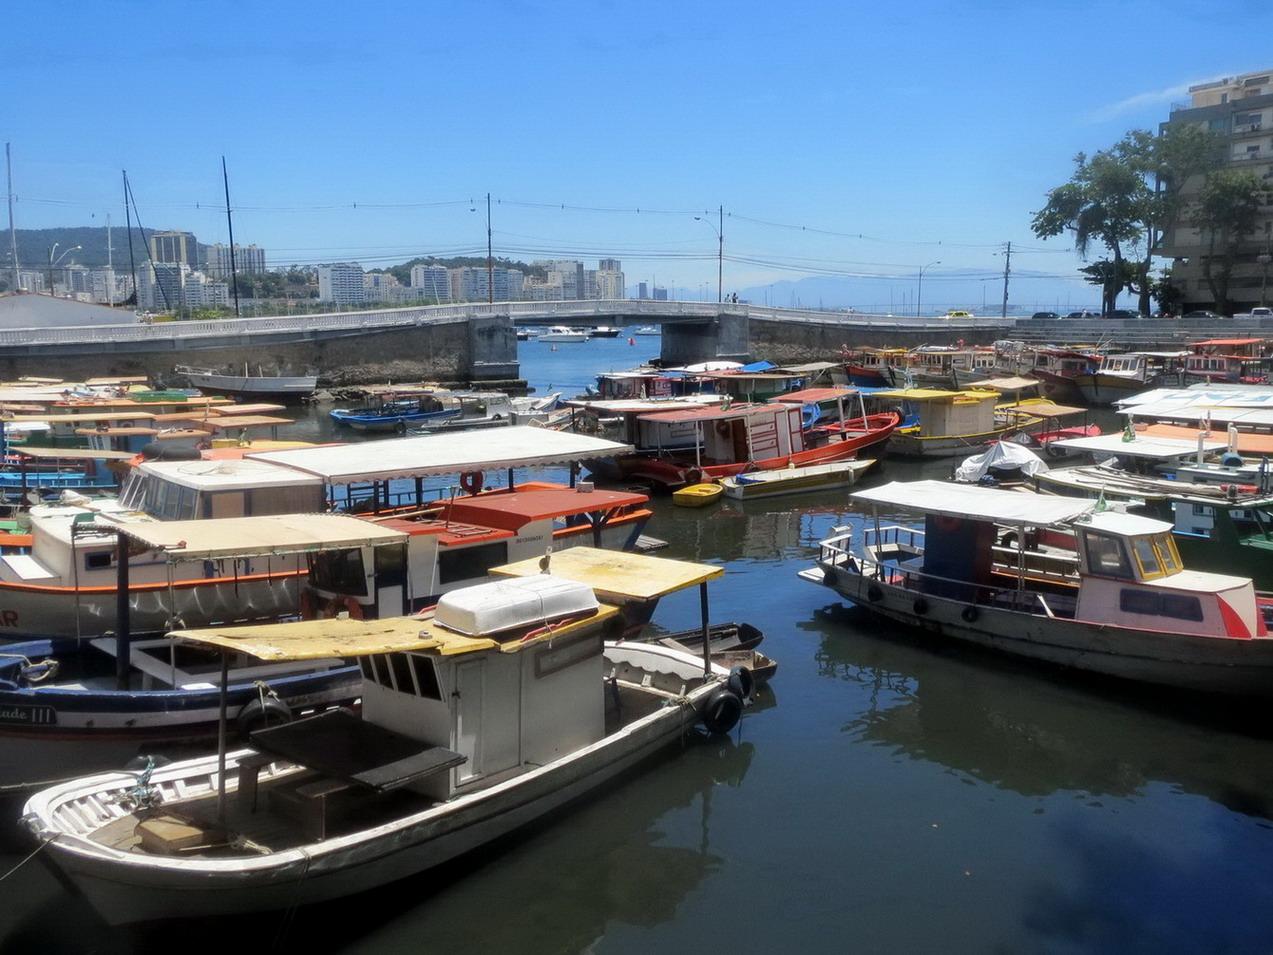 10. Urca, port de pêche résidentiel